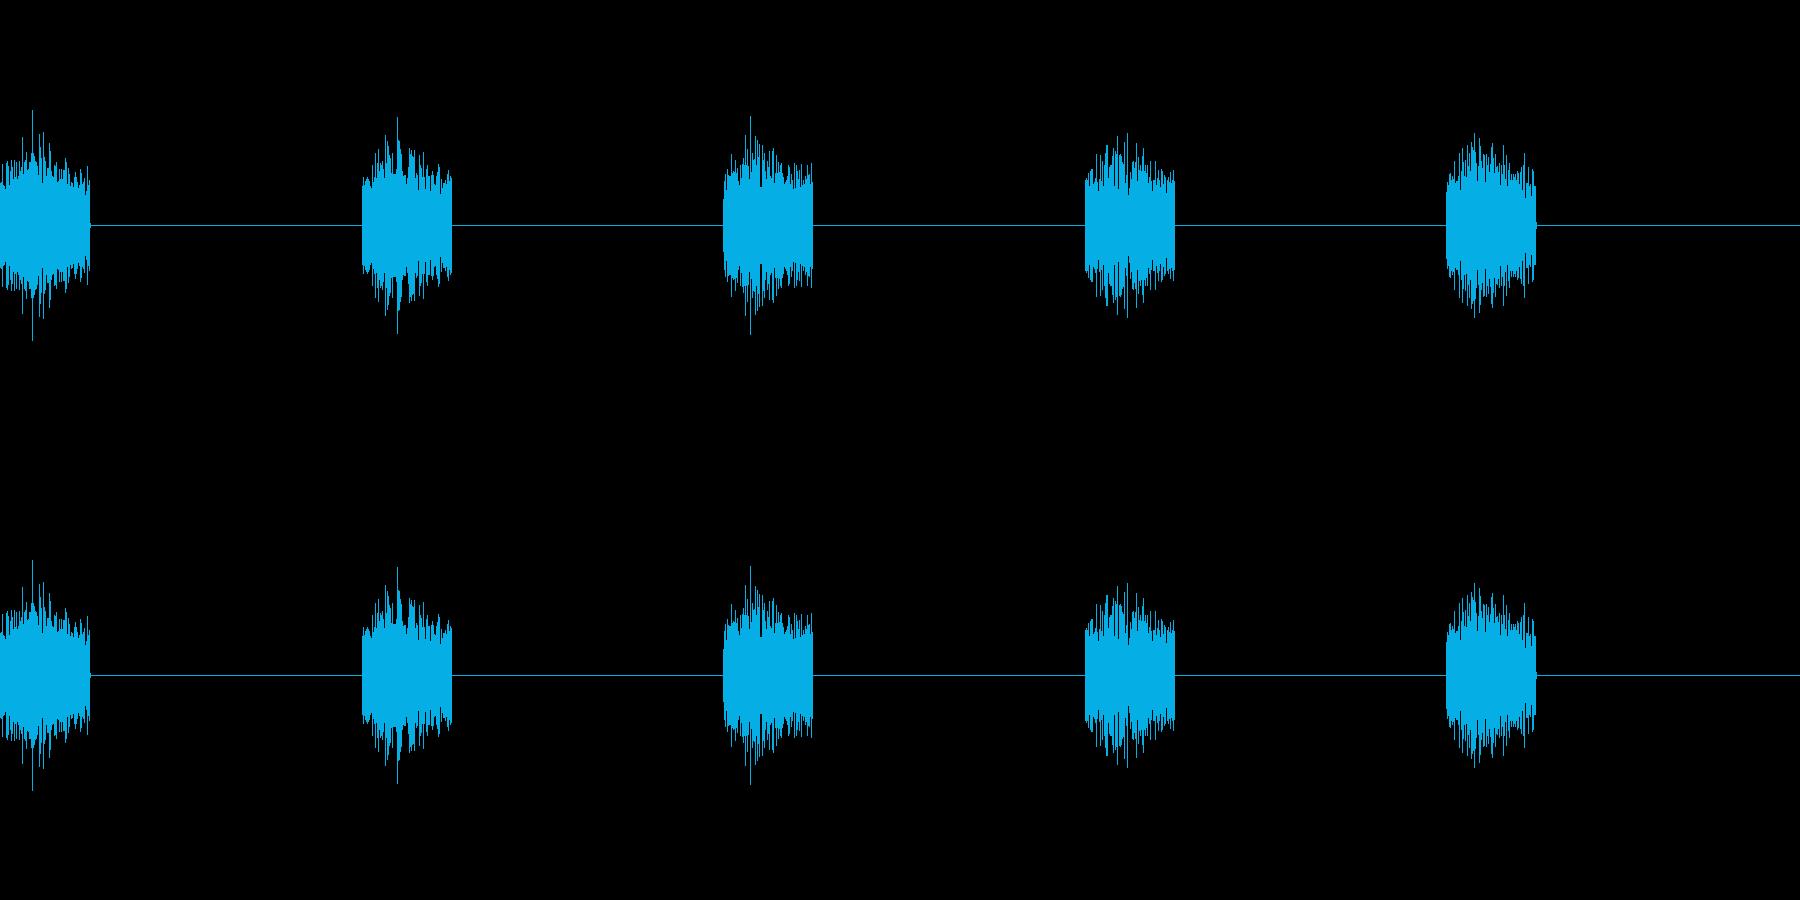 シュイ×5(5列スロットが止まる音)の再生済みの波形